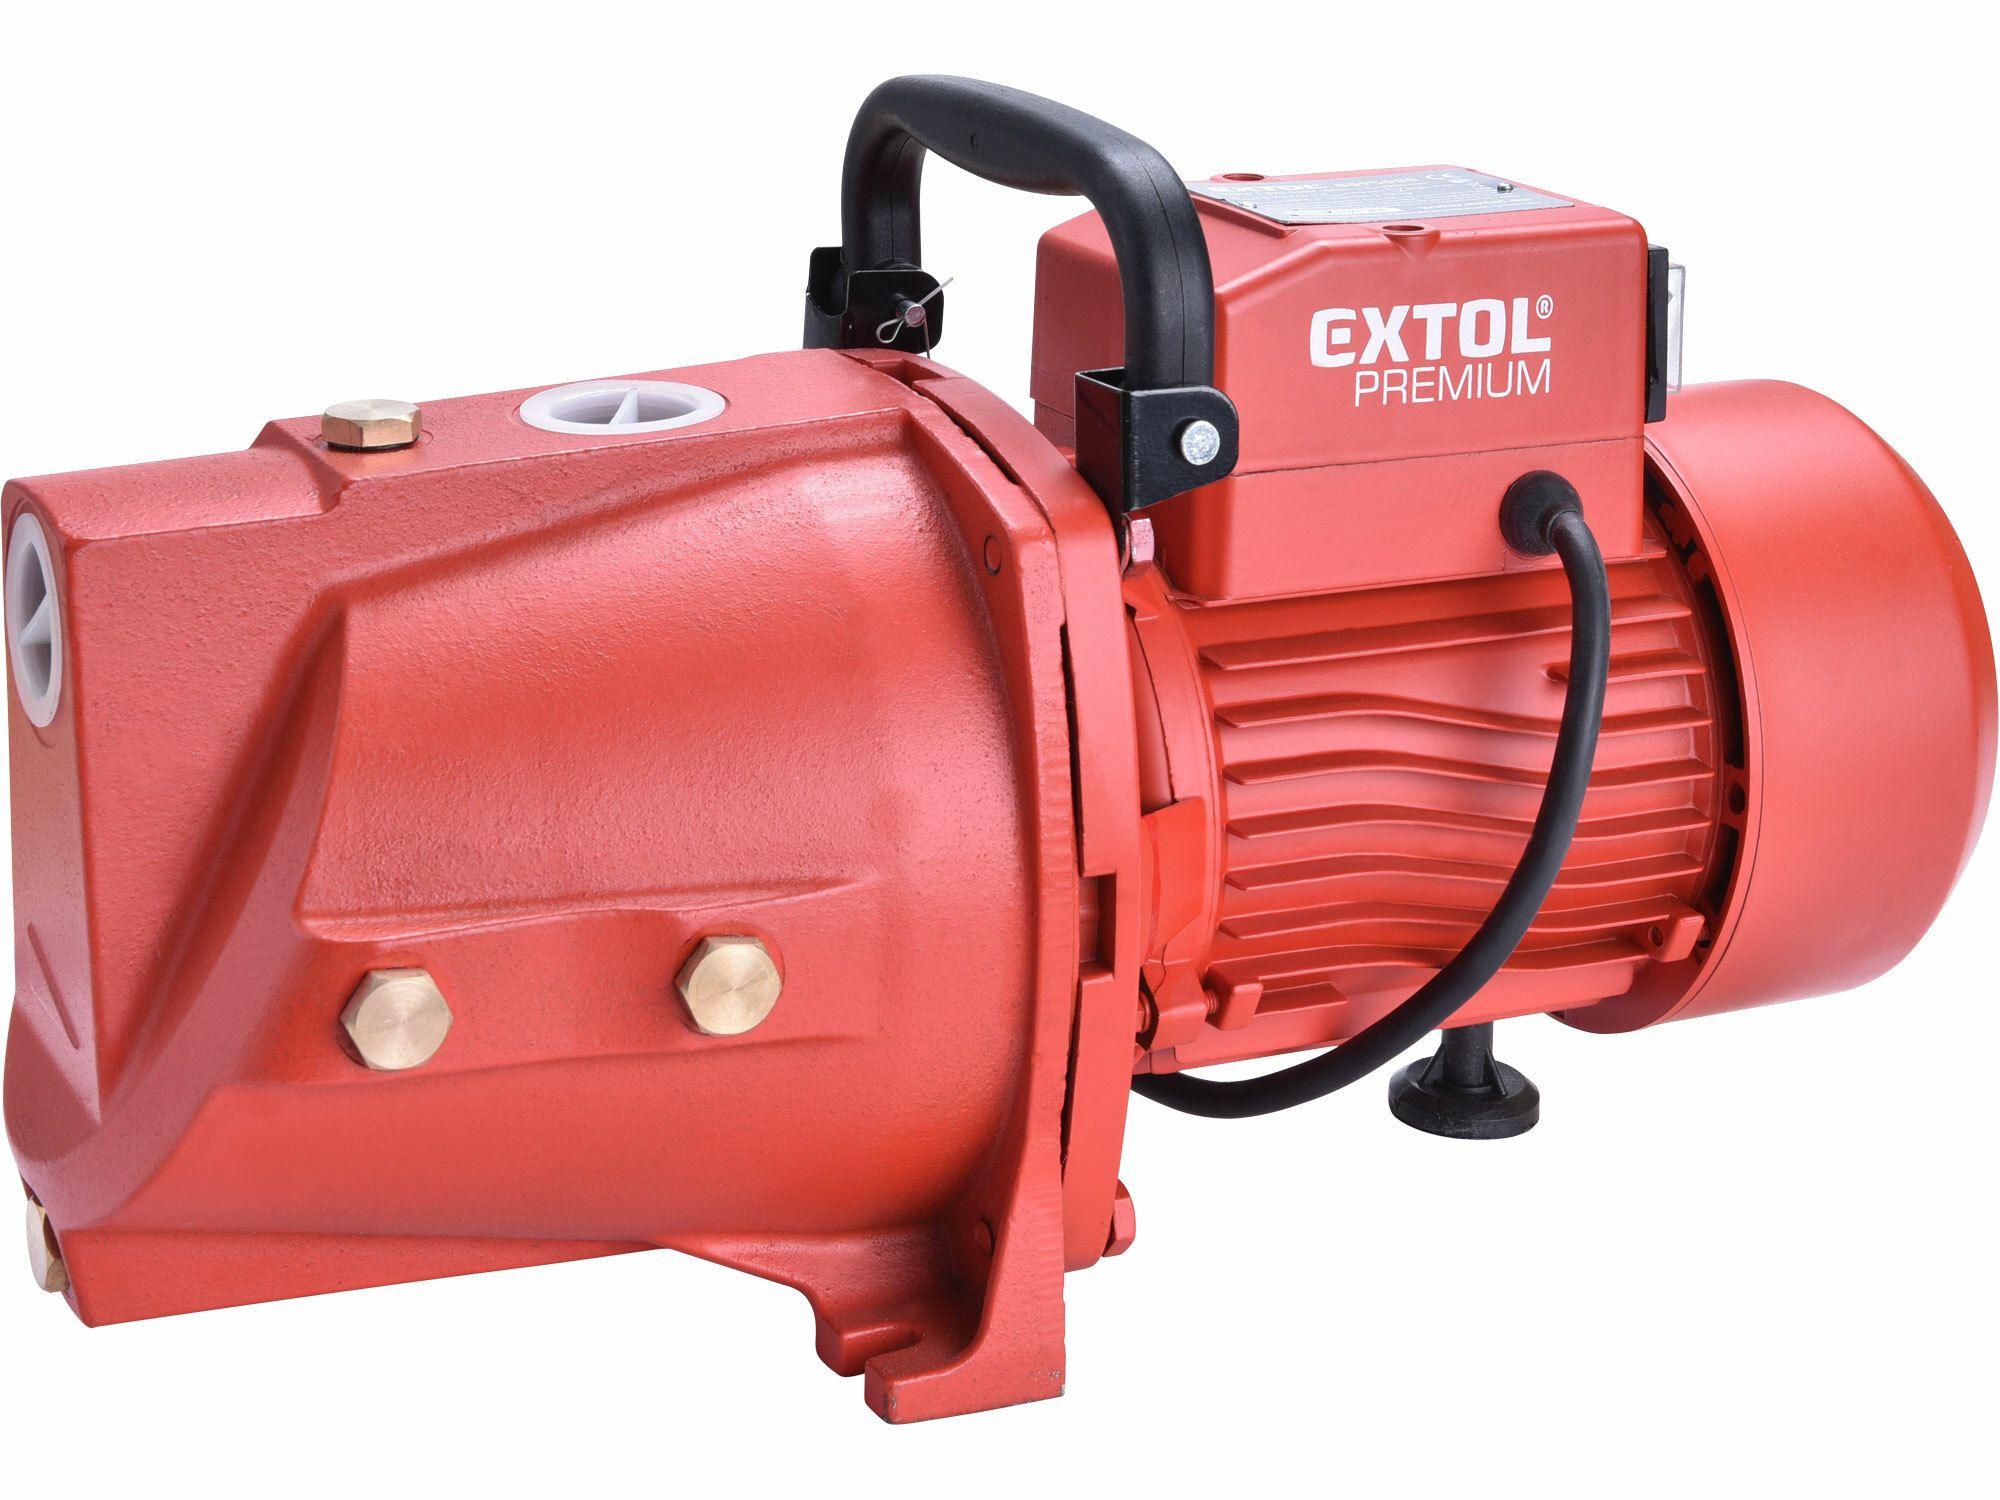 Čerpadlo proudové, 750W, 5270l/hod, EXTOL PREMIUM, 8895080 EXTOL-PREMIUM